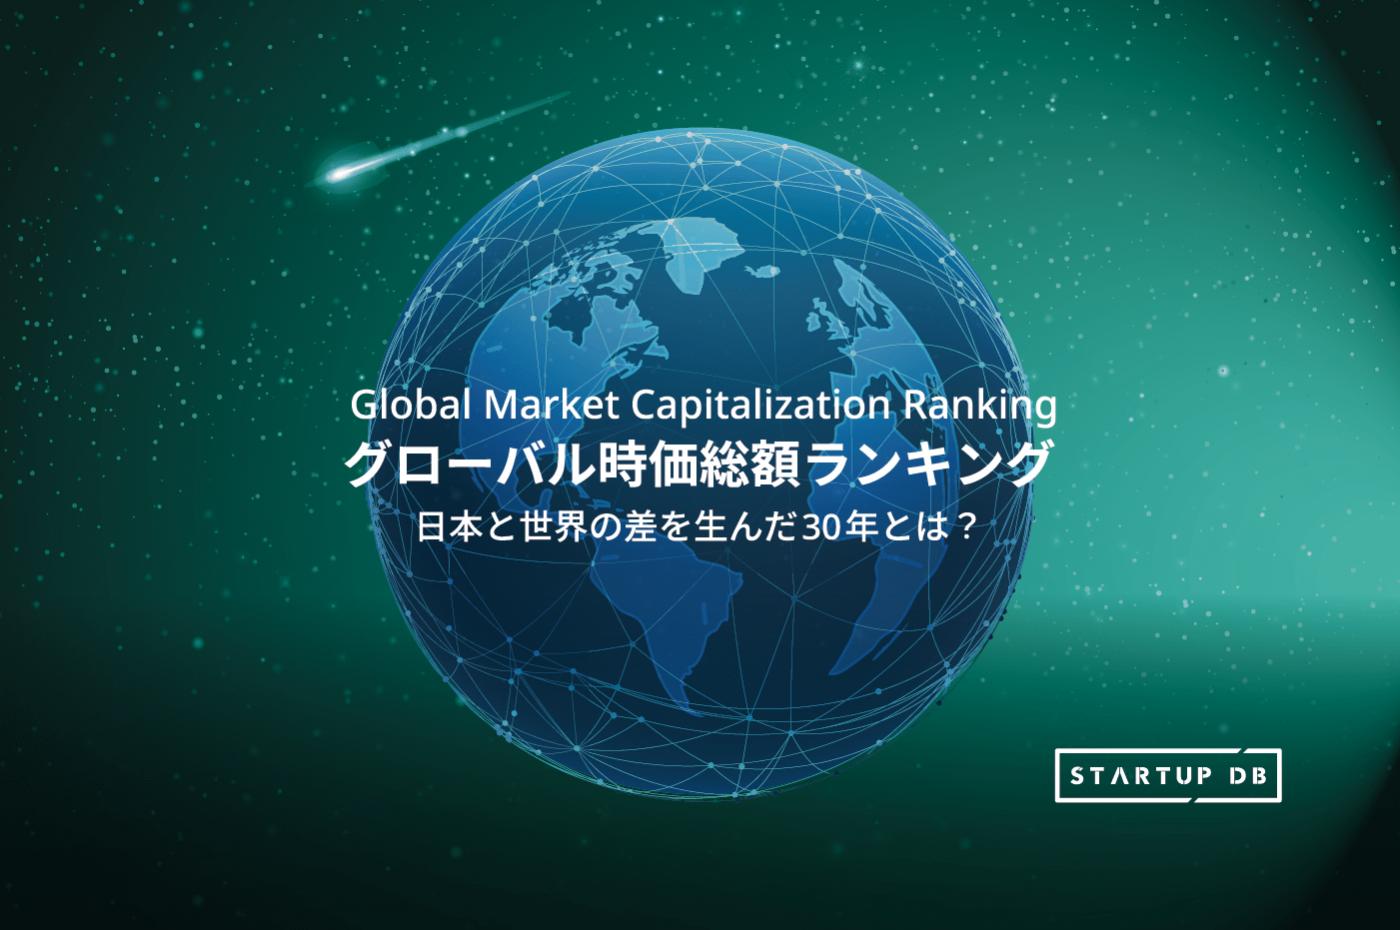 平成最後の時価総額ランキング。日本と世界その差を生んだ30年とは?